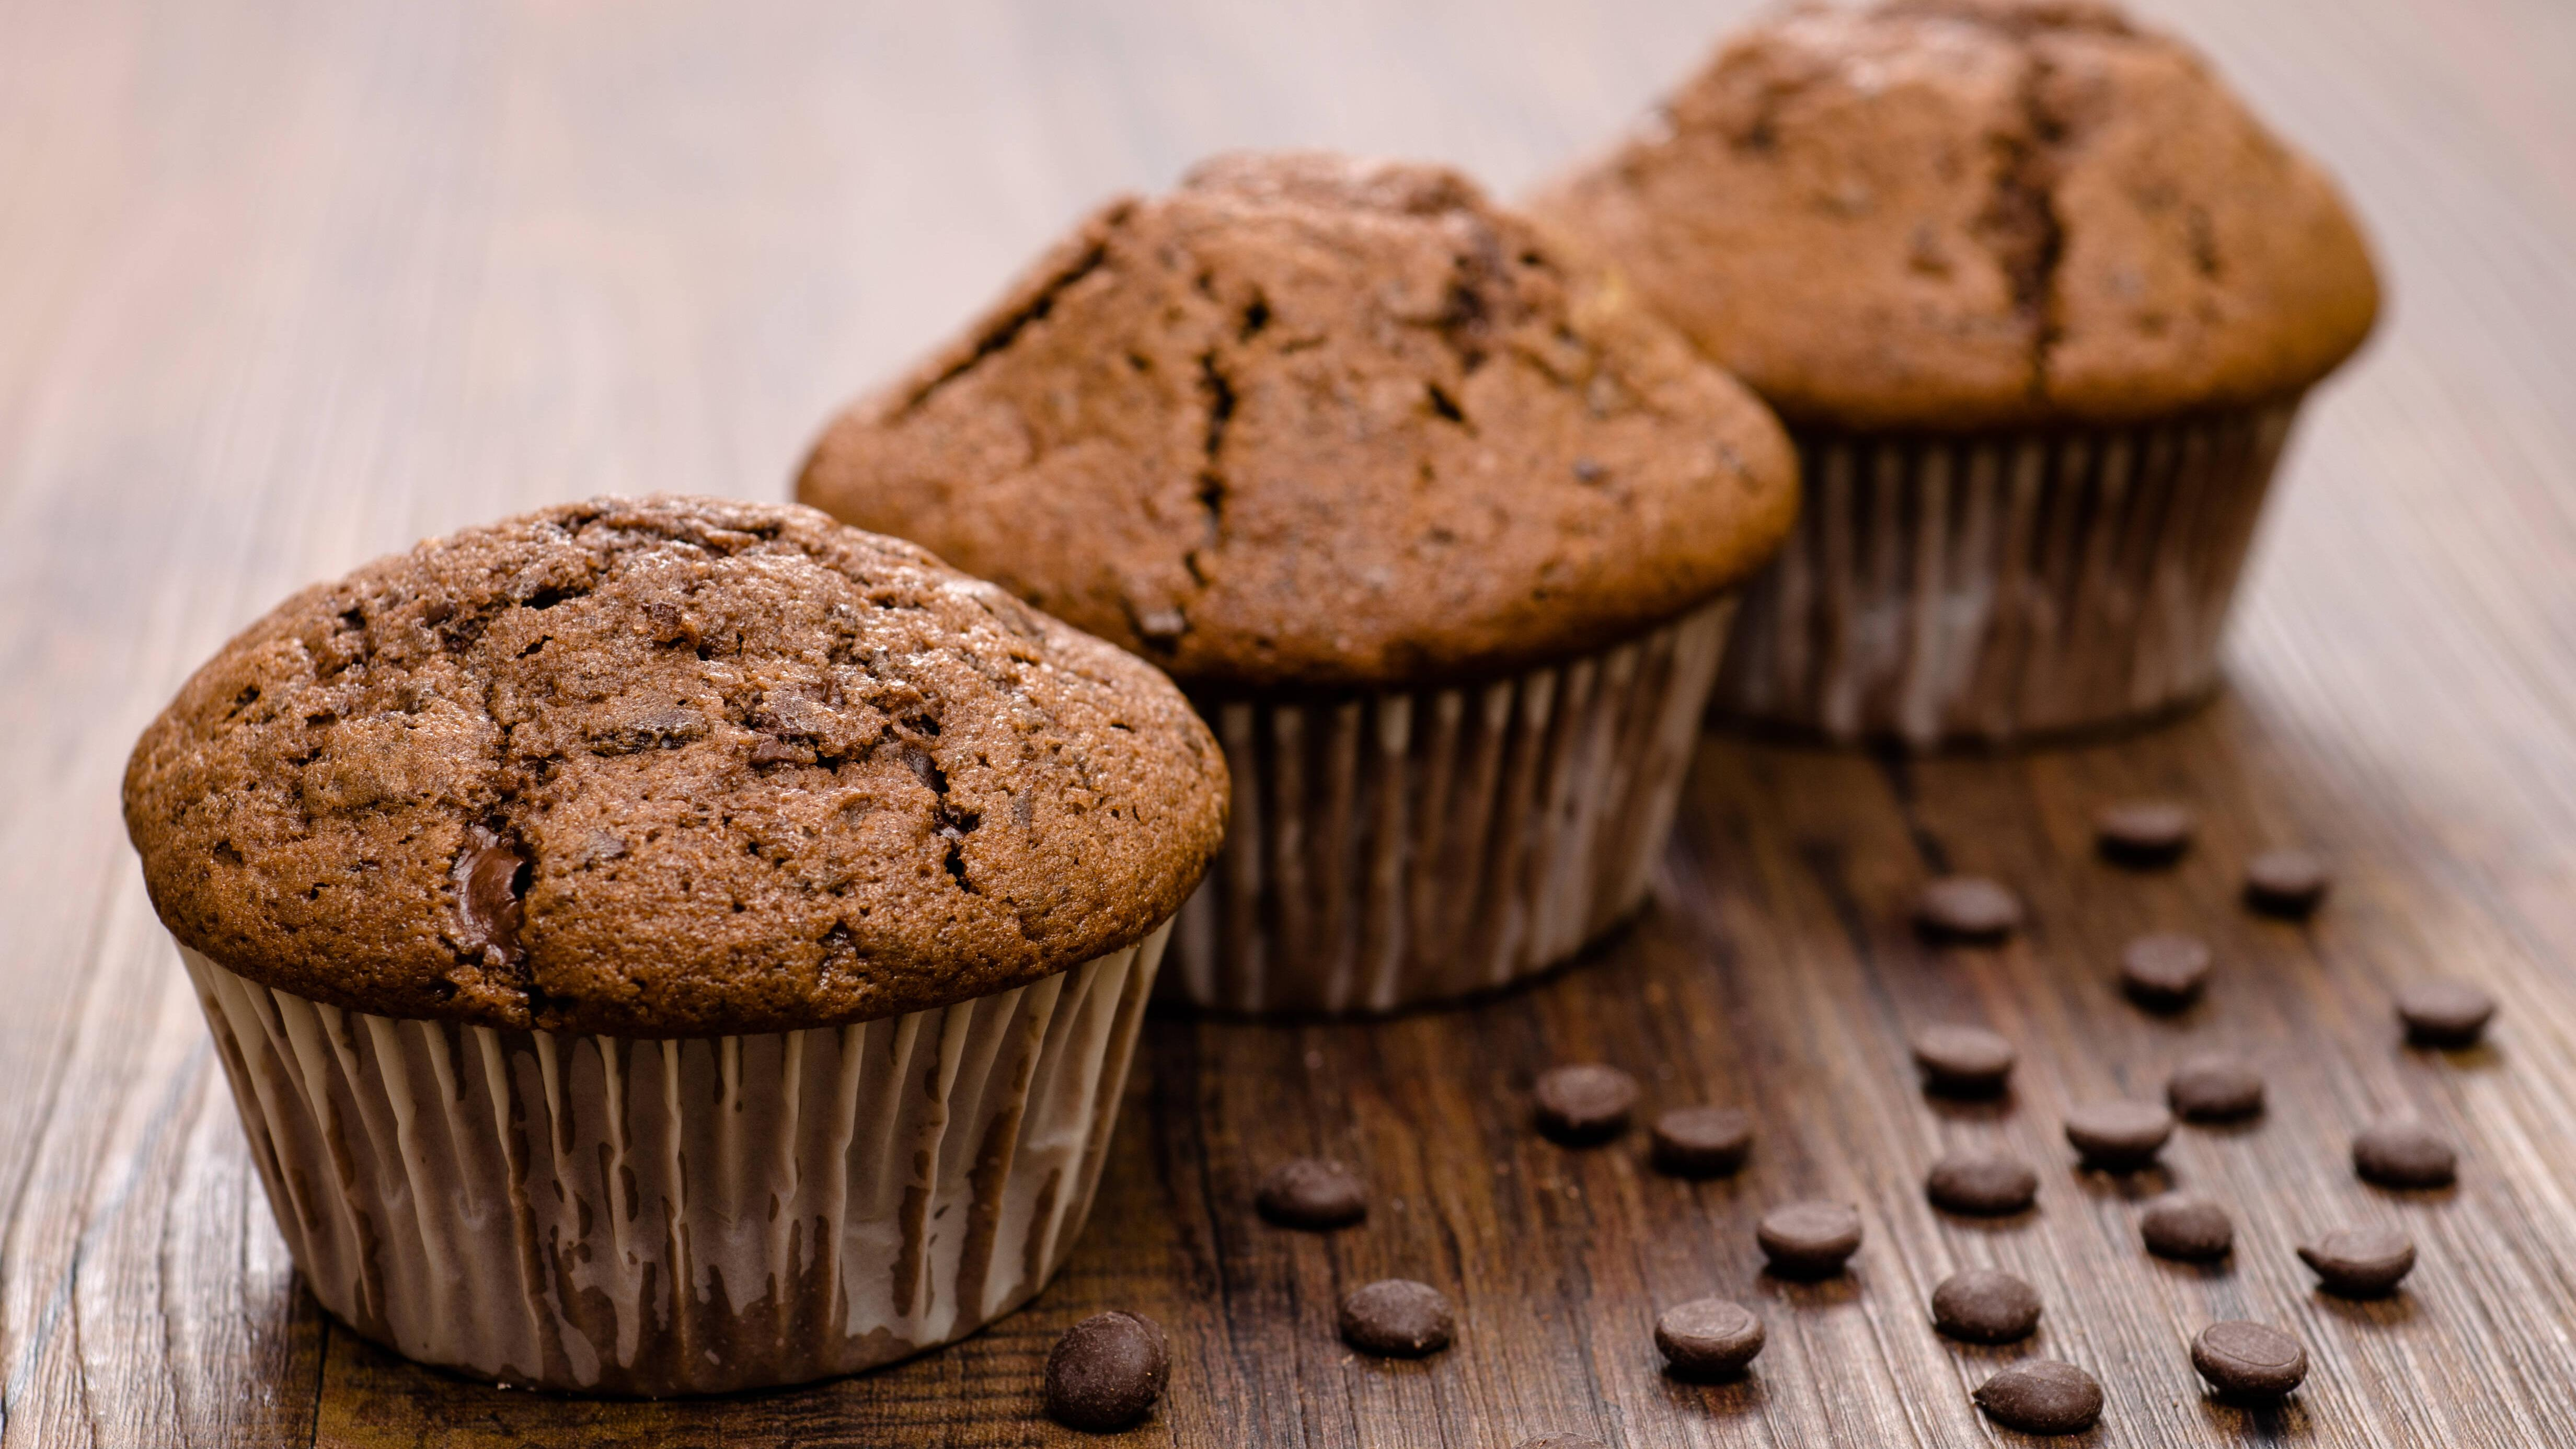 Weihnachtliche Lebkuchen-Muffins nach dem Backen